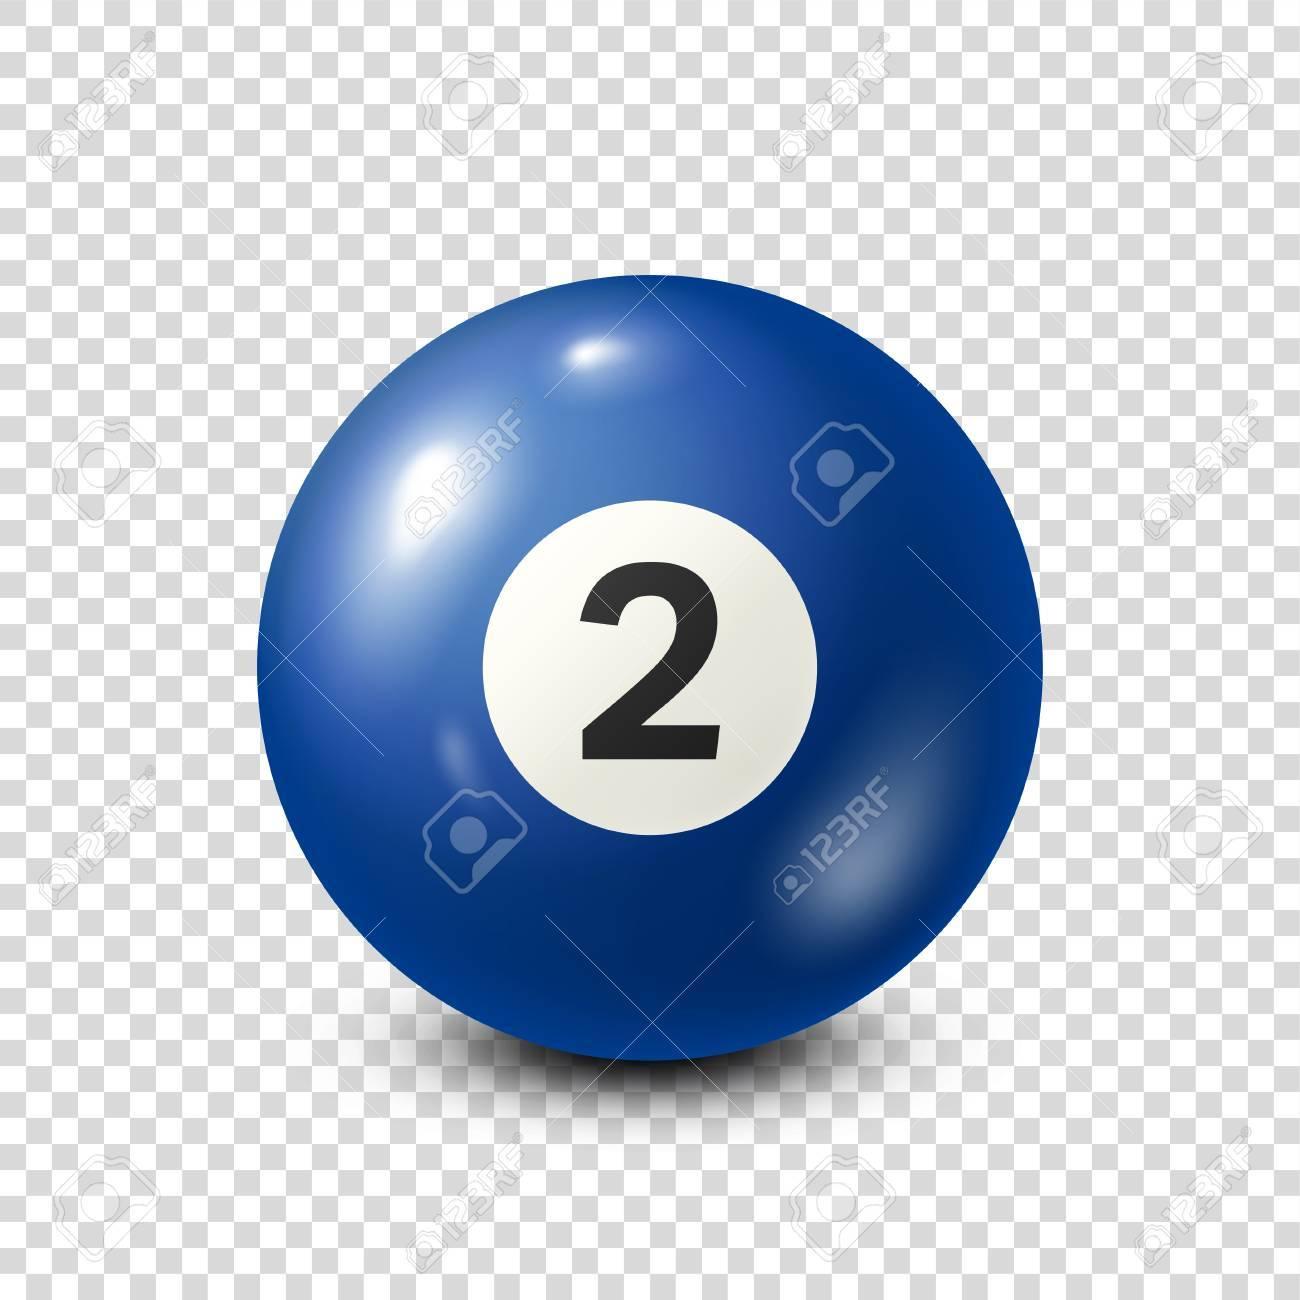 Billar Bola De Billar Azul Con El Número 2 Billar Fondo Transparente Ilustración Del Vector Ilustraciones Vectoriales Clip Art Vectorizado Libre De Derechos Image 80446023